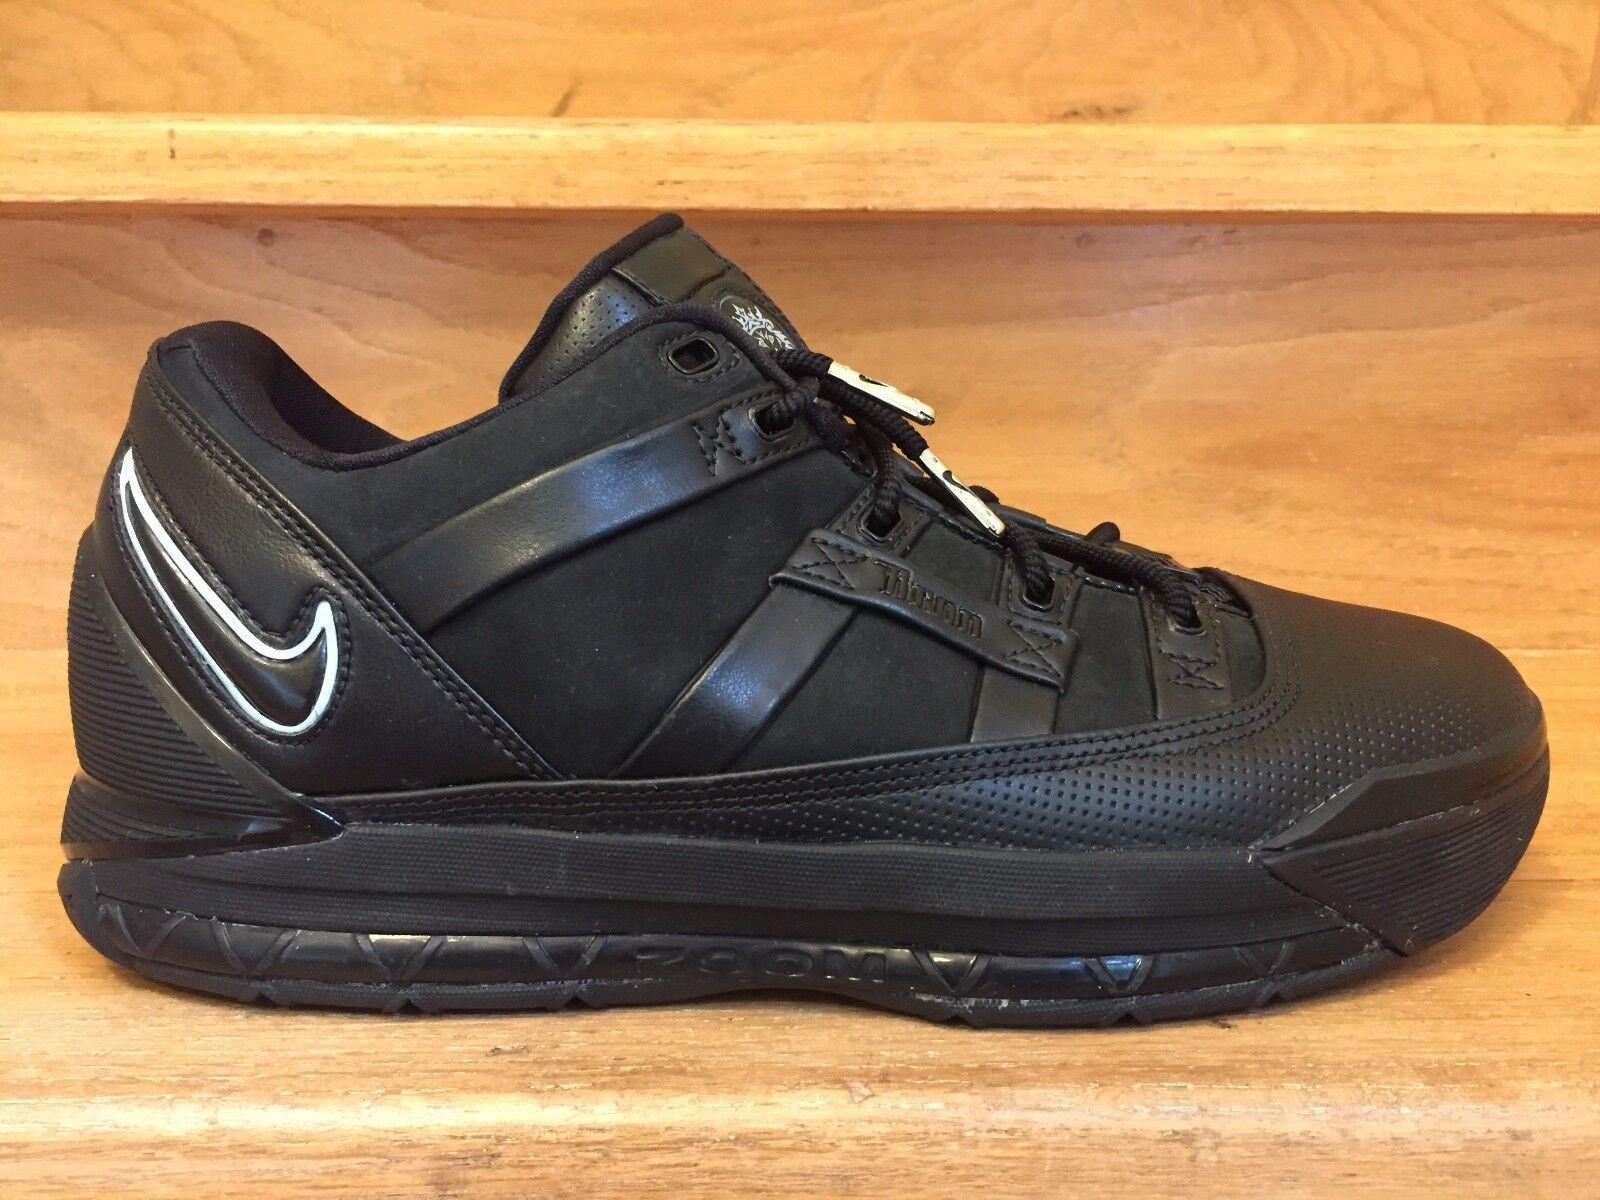 OG 2006 Nike Zoom LeBron 3 Low Black / Ice (314010-001) Blue Size 10 Shoes (314010-001) Ice b1f289